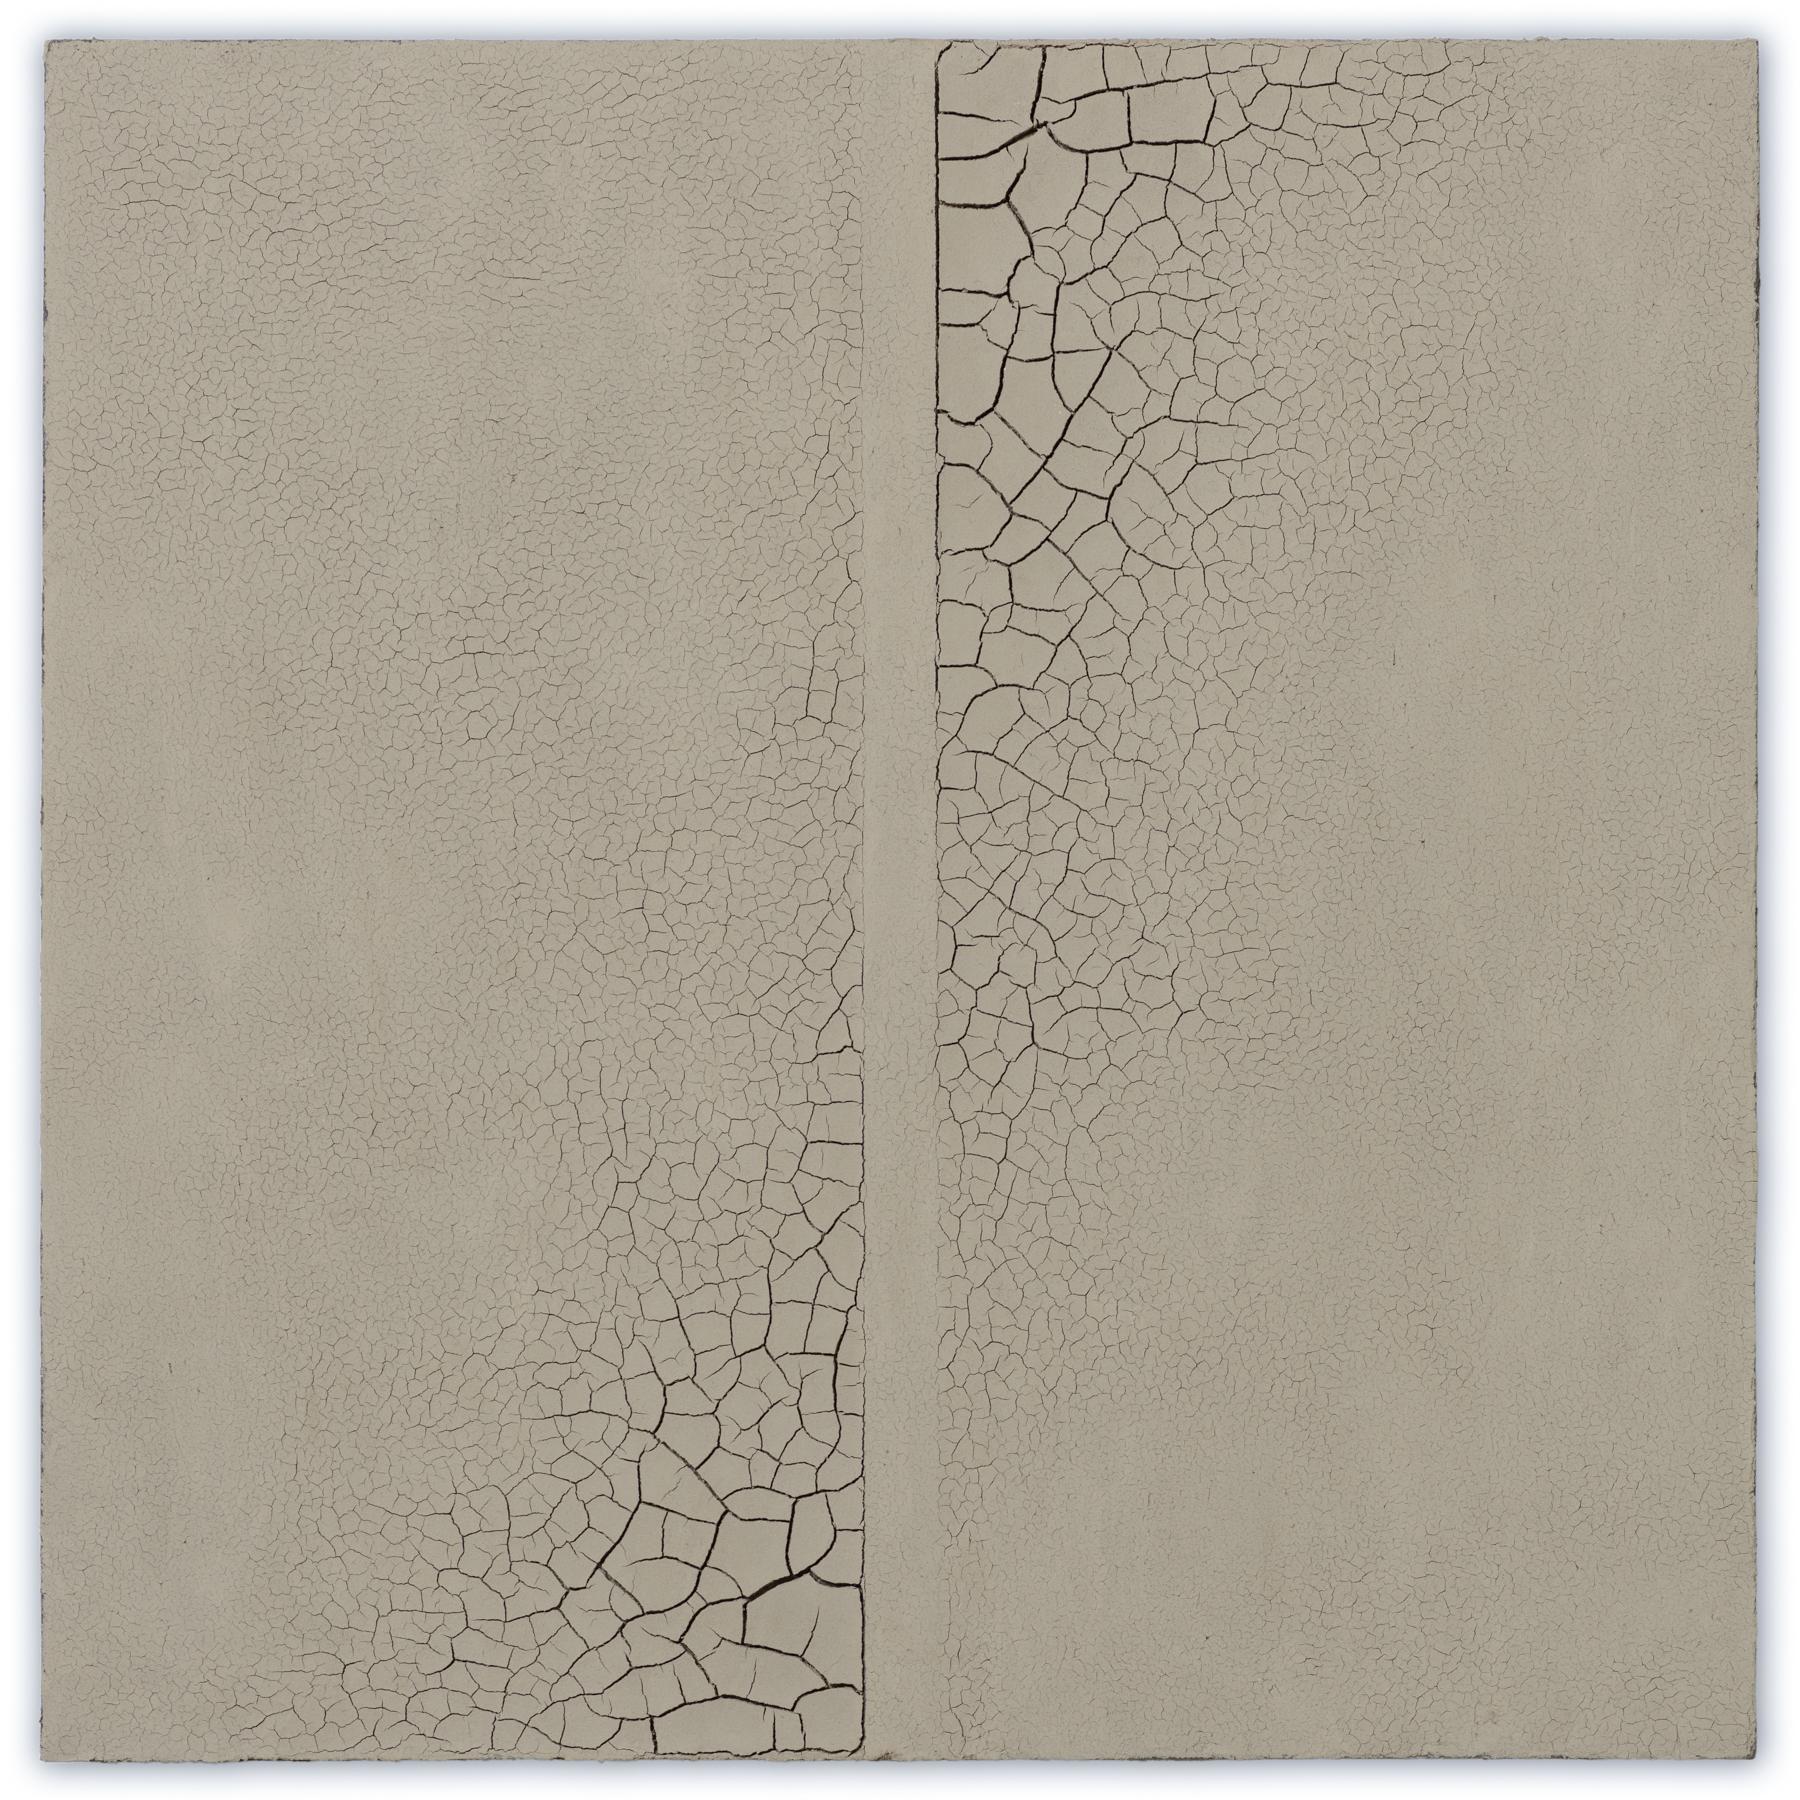 Hein van Delft, Footprints